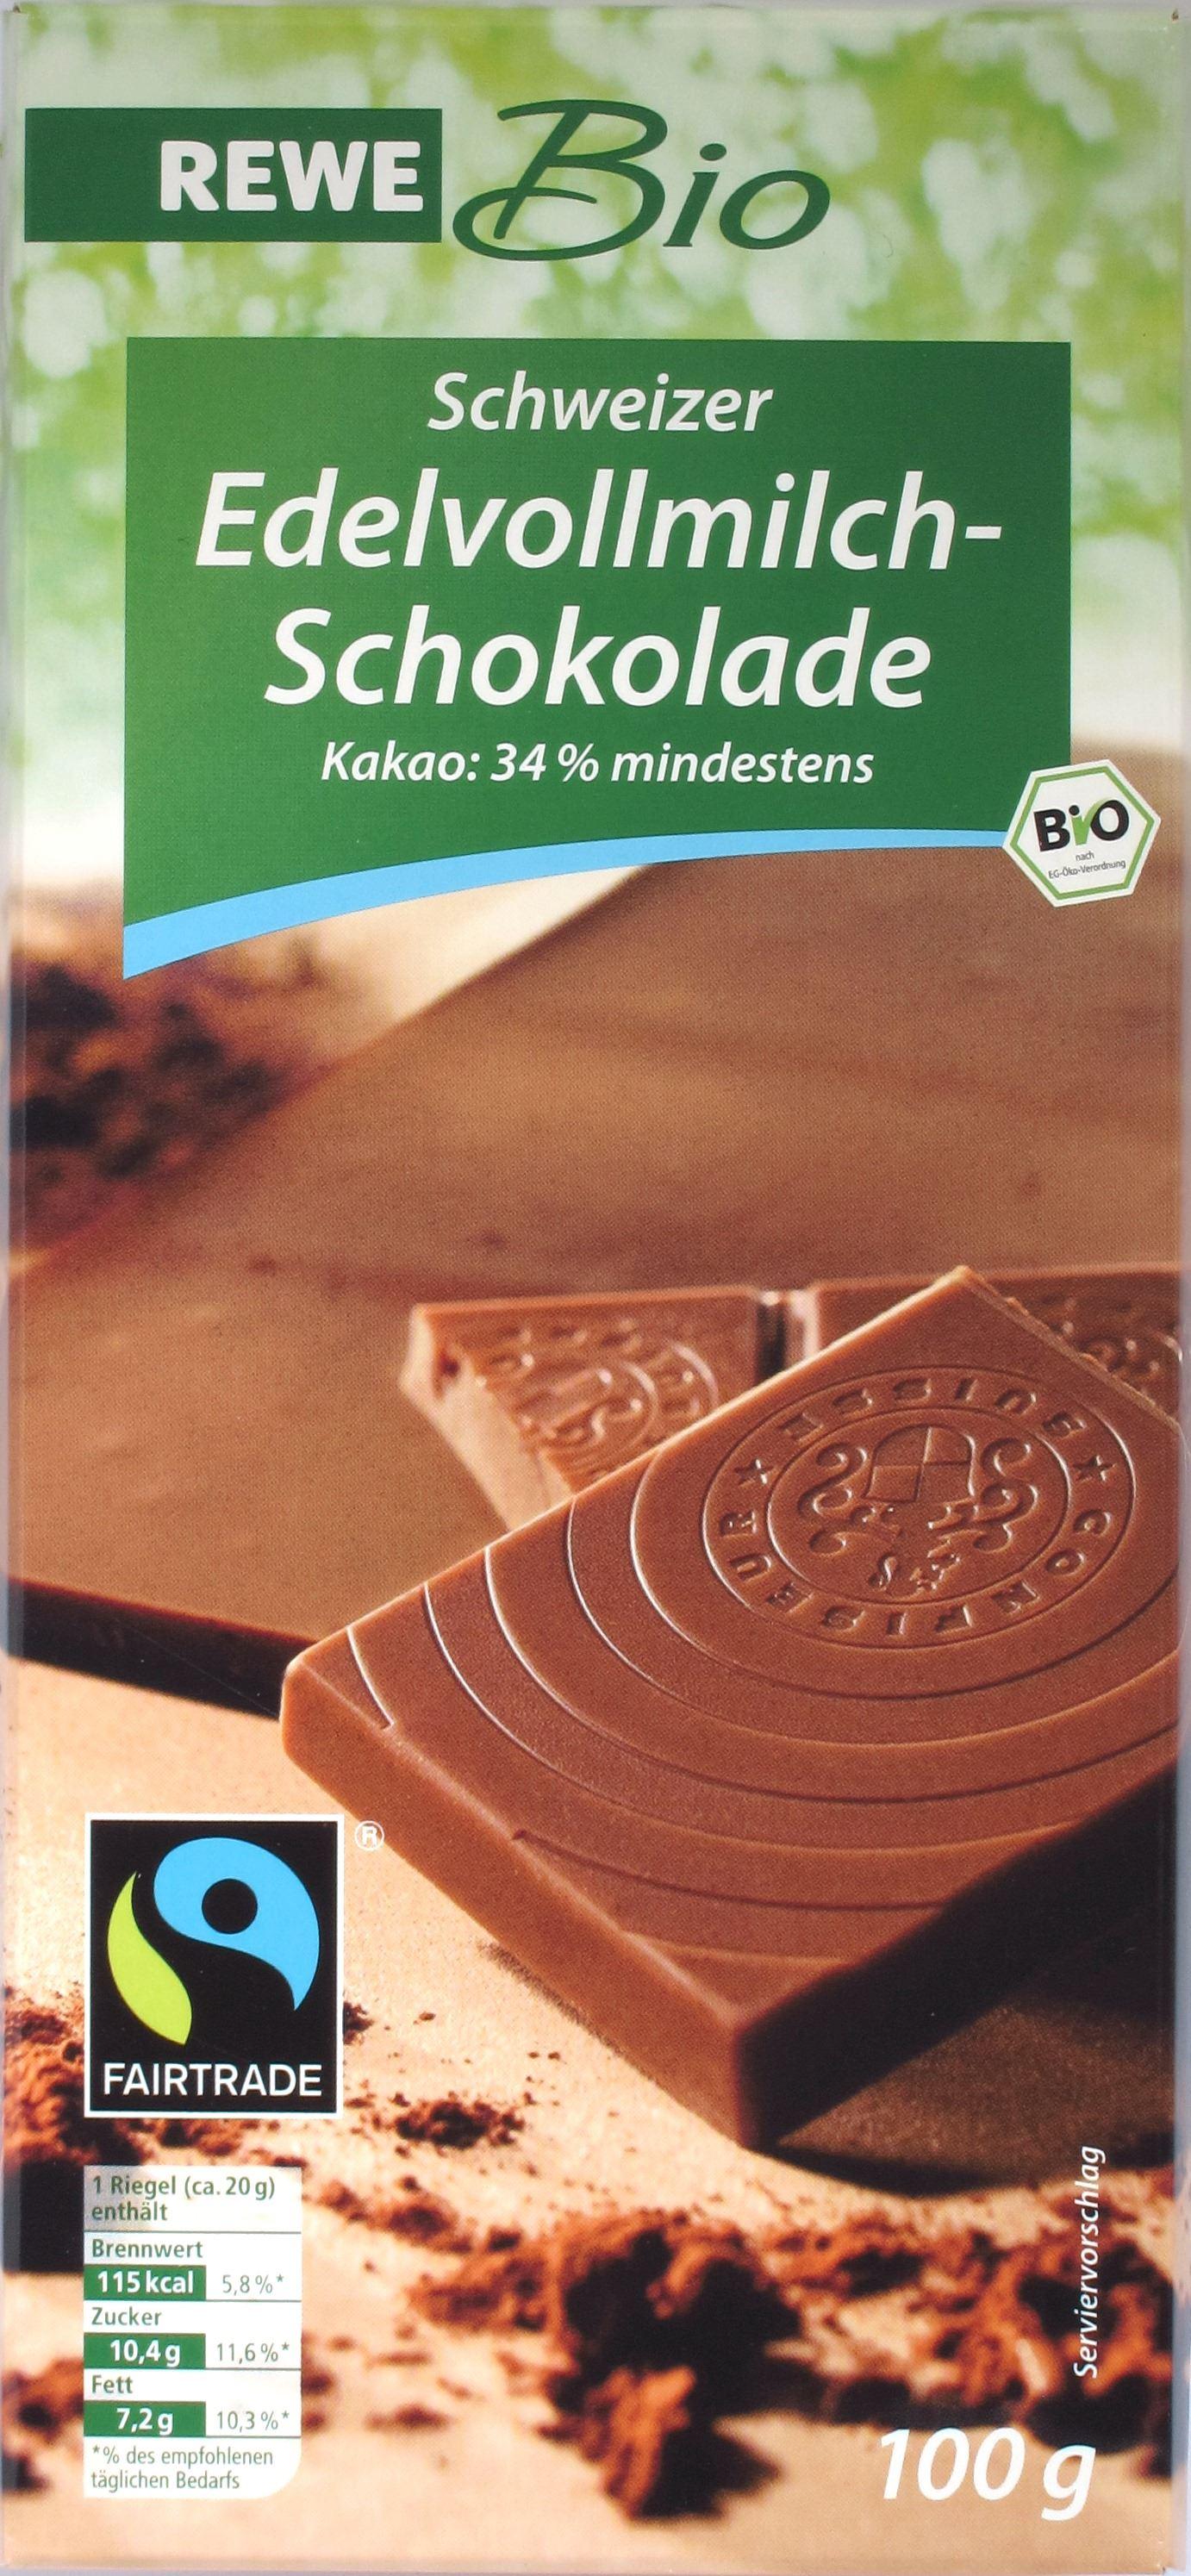 Tafelvorderseite REWE Schweizer Vollmilchschokolade Bio- und Fairtrade